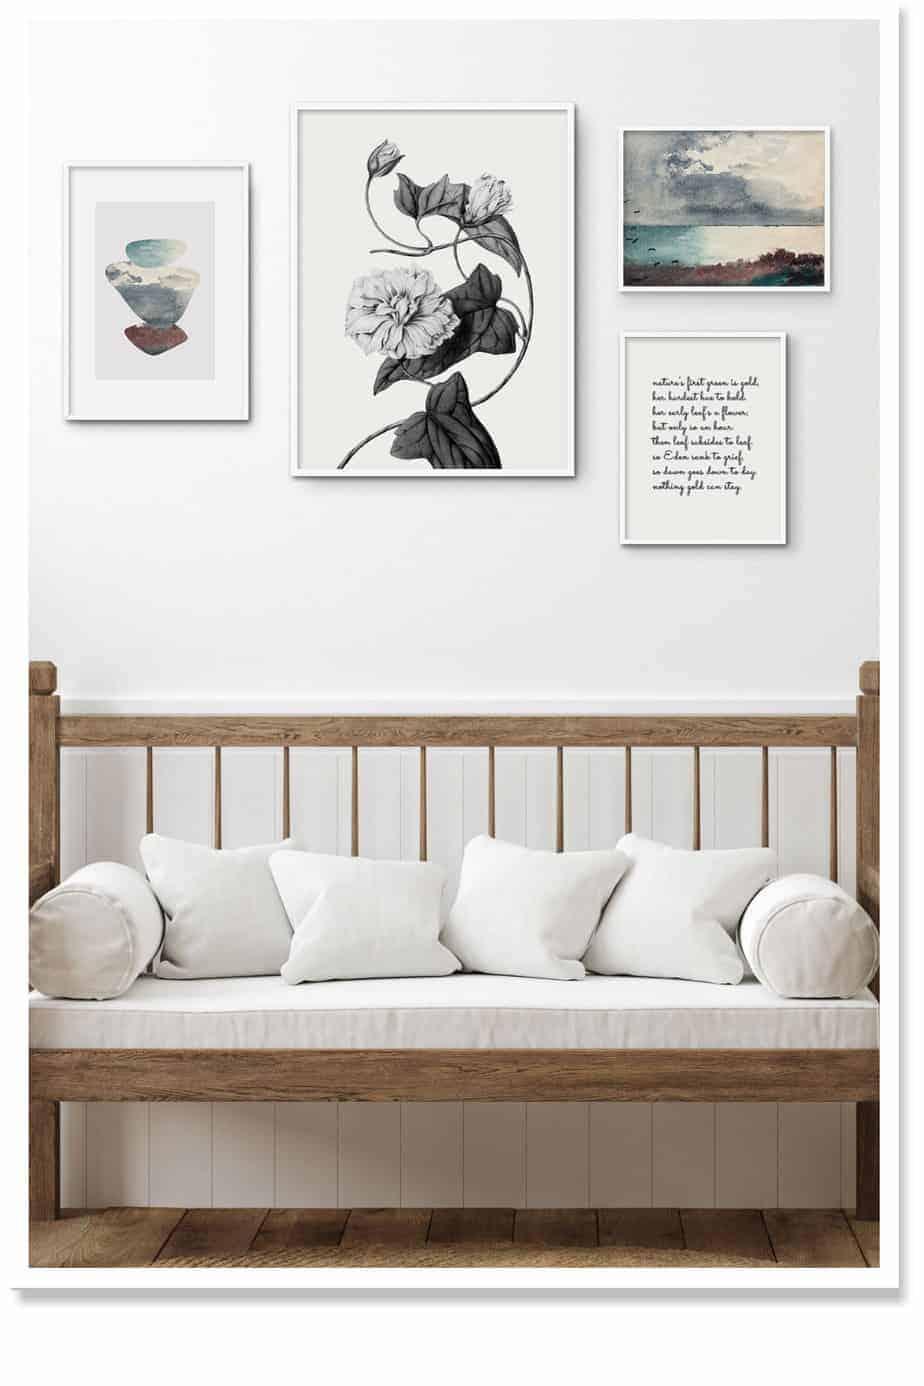 Four piece wall art arrangement for modern decor